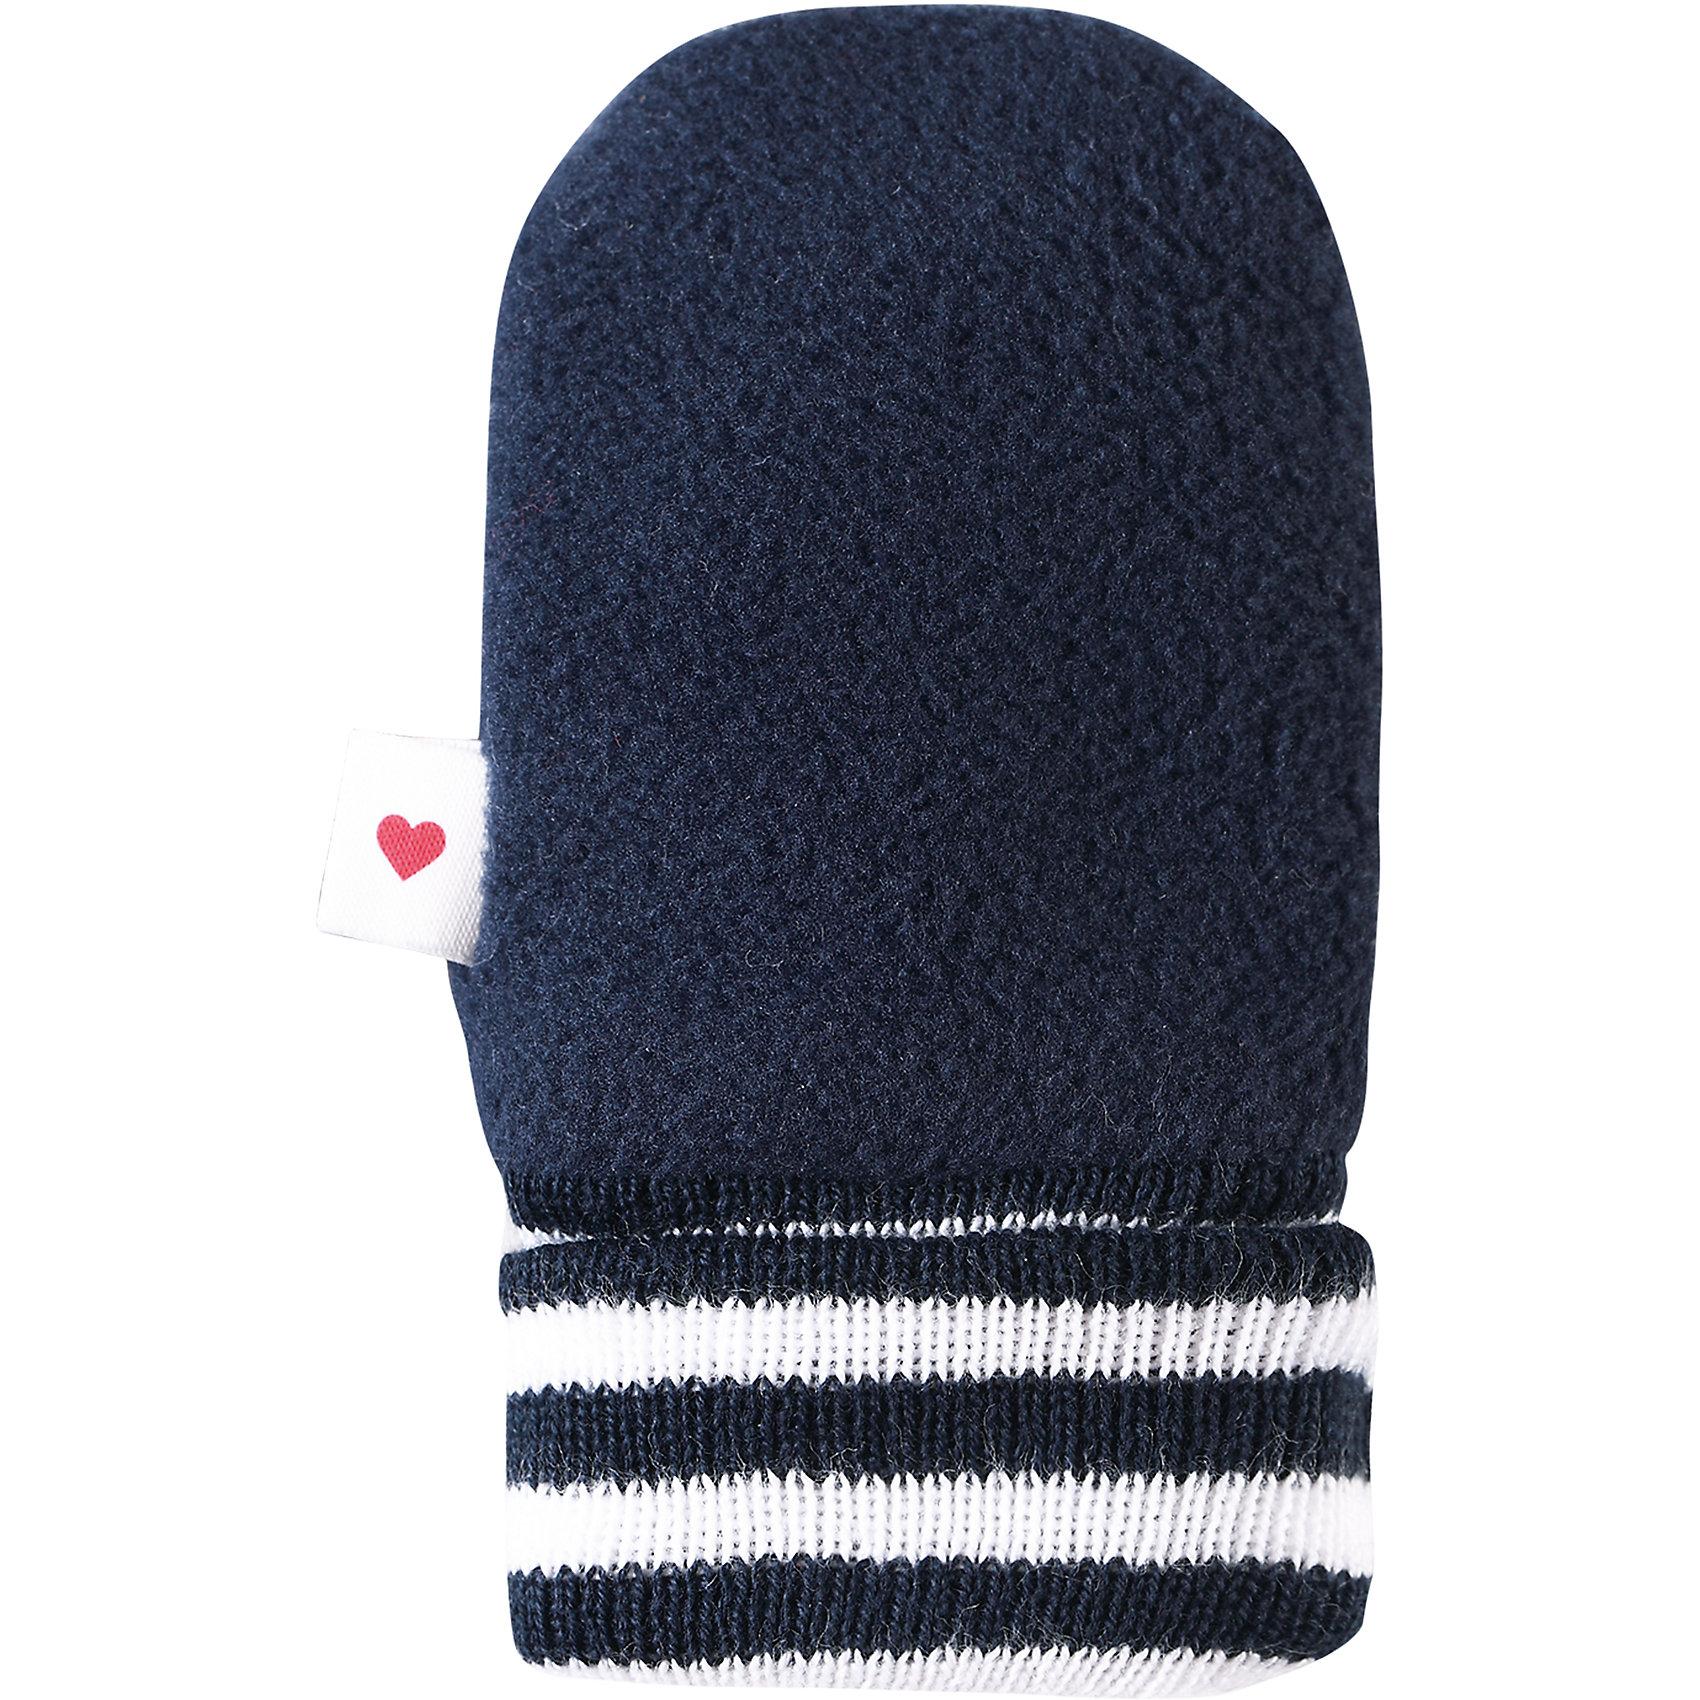 Варежки Mielle для мальчика ReimaПерчатки и варежки<br>Характеристики товара:<br><br>• цвет: синий<br>• материал: поларфлис<br>• состав: верх - 100% полиэстер<br>• теплый, легкий и быстросохнущий полярный флис<br>• эластичный хлопковый трикотаж<br>• основной материал сертифицирован Oeko-Tex, класс 1, одежда для малышей<br>• сплошная подкладка из хлопкового трикотажа<br>• декоративный логотип сбоку<br>• без утеплителя<br>• страна производства: Китай<br>• страна бренда: Финляндия<br>• коллекция: весна-лето 2017<br><br>Reima представляет симпатичные варежки для малышей. Они помогут обеспечить ребенку комфорт и удобство. Варежки отлично смотрятся с различной одеждой. Изделия удобно сидят и модно выглядят, в их основе мягкий и теплый материал. Стильный дизайн разрабатывался специально для детей.<br><br>Одежда и обувь от финского бренда Reima пользуется популярностью во многих странах. Эти изделия стильные, качественные и удобные. Для производства продукции используются только безопасные, проверенные материалы и фурнитура. Порадуйте ребенка модными и красивыми вещами от Reima! <br><br>Варежки для мальчика от финского бренда Reima (Рейма) можно купить в нашем интернет-магазине.<br><br>Ширина мм: 162<br>Глубина мм: 171<br>Высота мм: 55<br>Вес г: 119<br>Цвет: синий<br>Возраст от месяцев: 0<br>Возраст до месяцев: 12<br>Пол: Мужской<br>Возраст: Детский<br>Размер: 0,1<br>SKU: 5271181